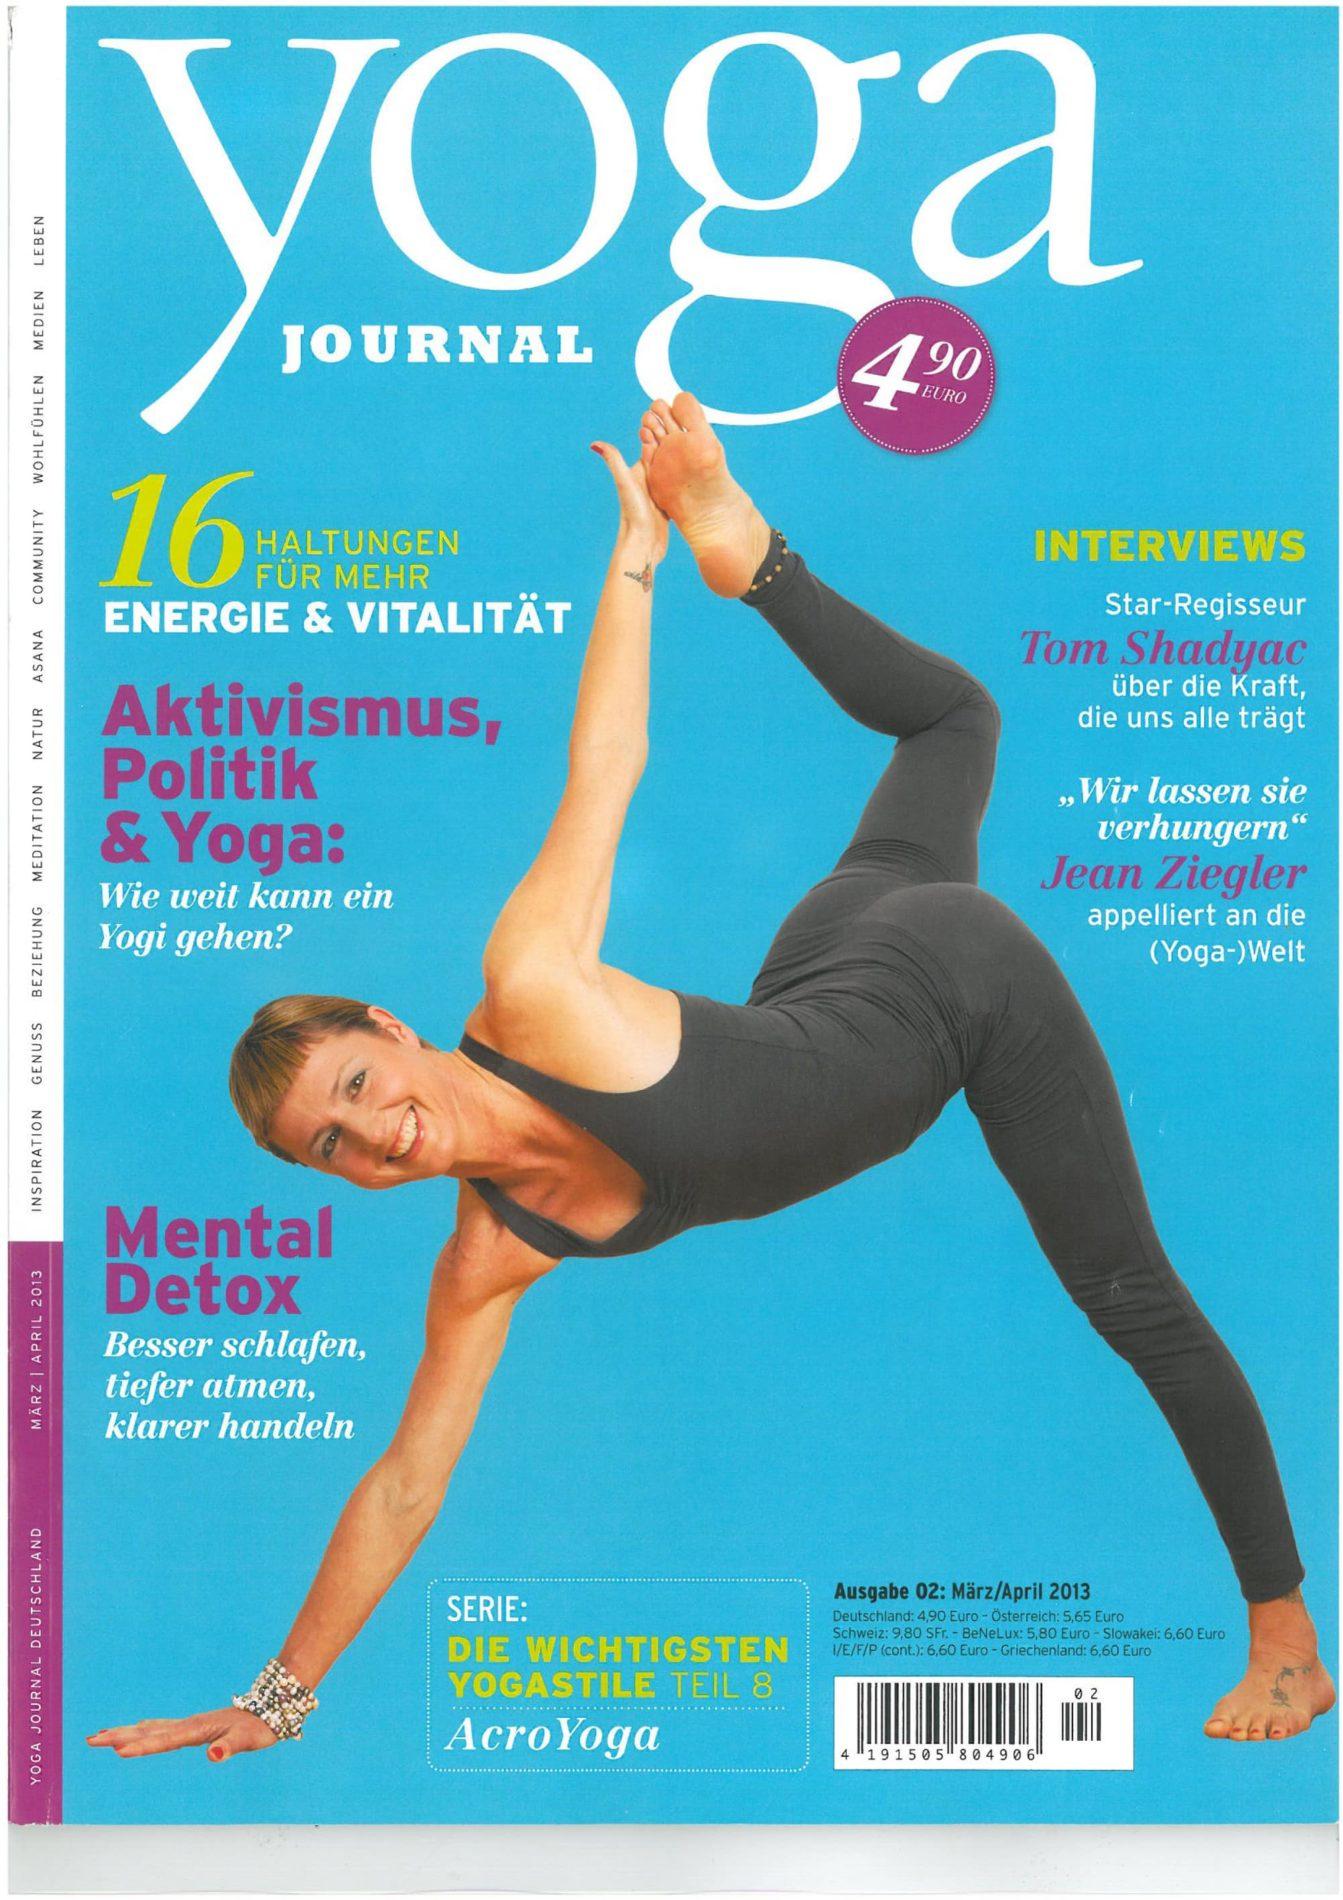 Yoga Journal – Spiegel des Herzens